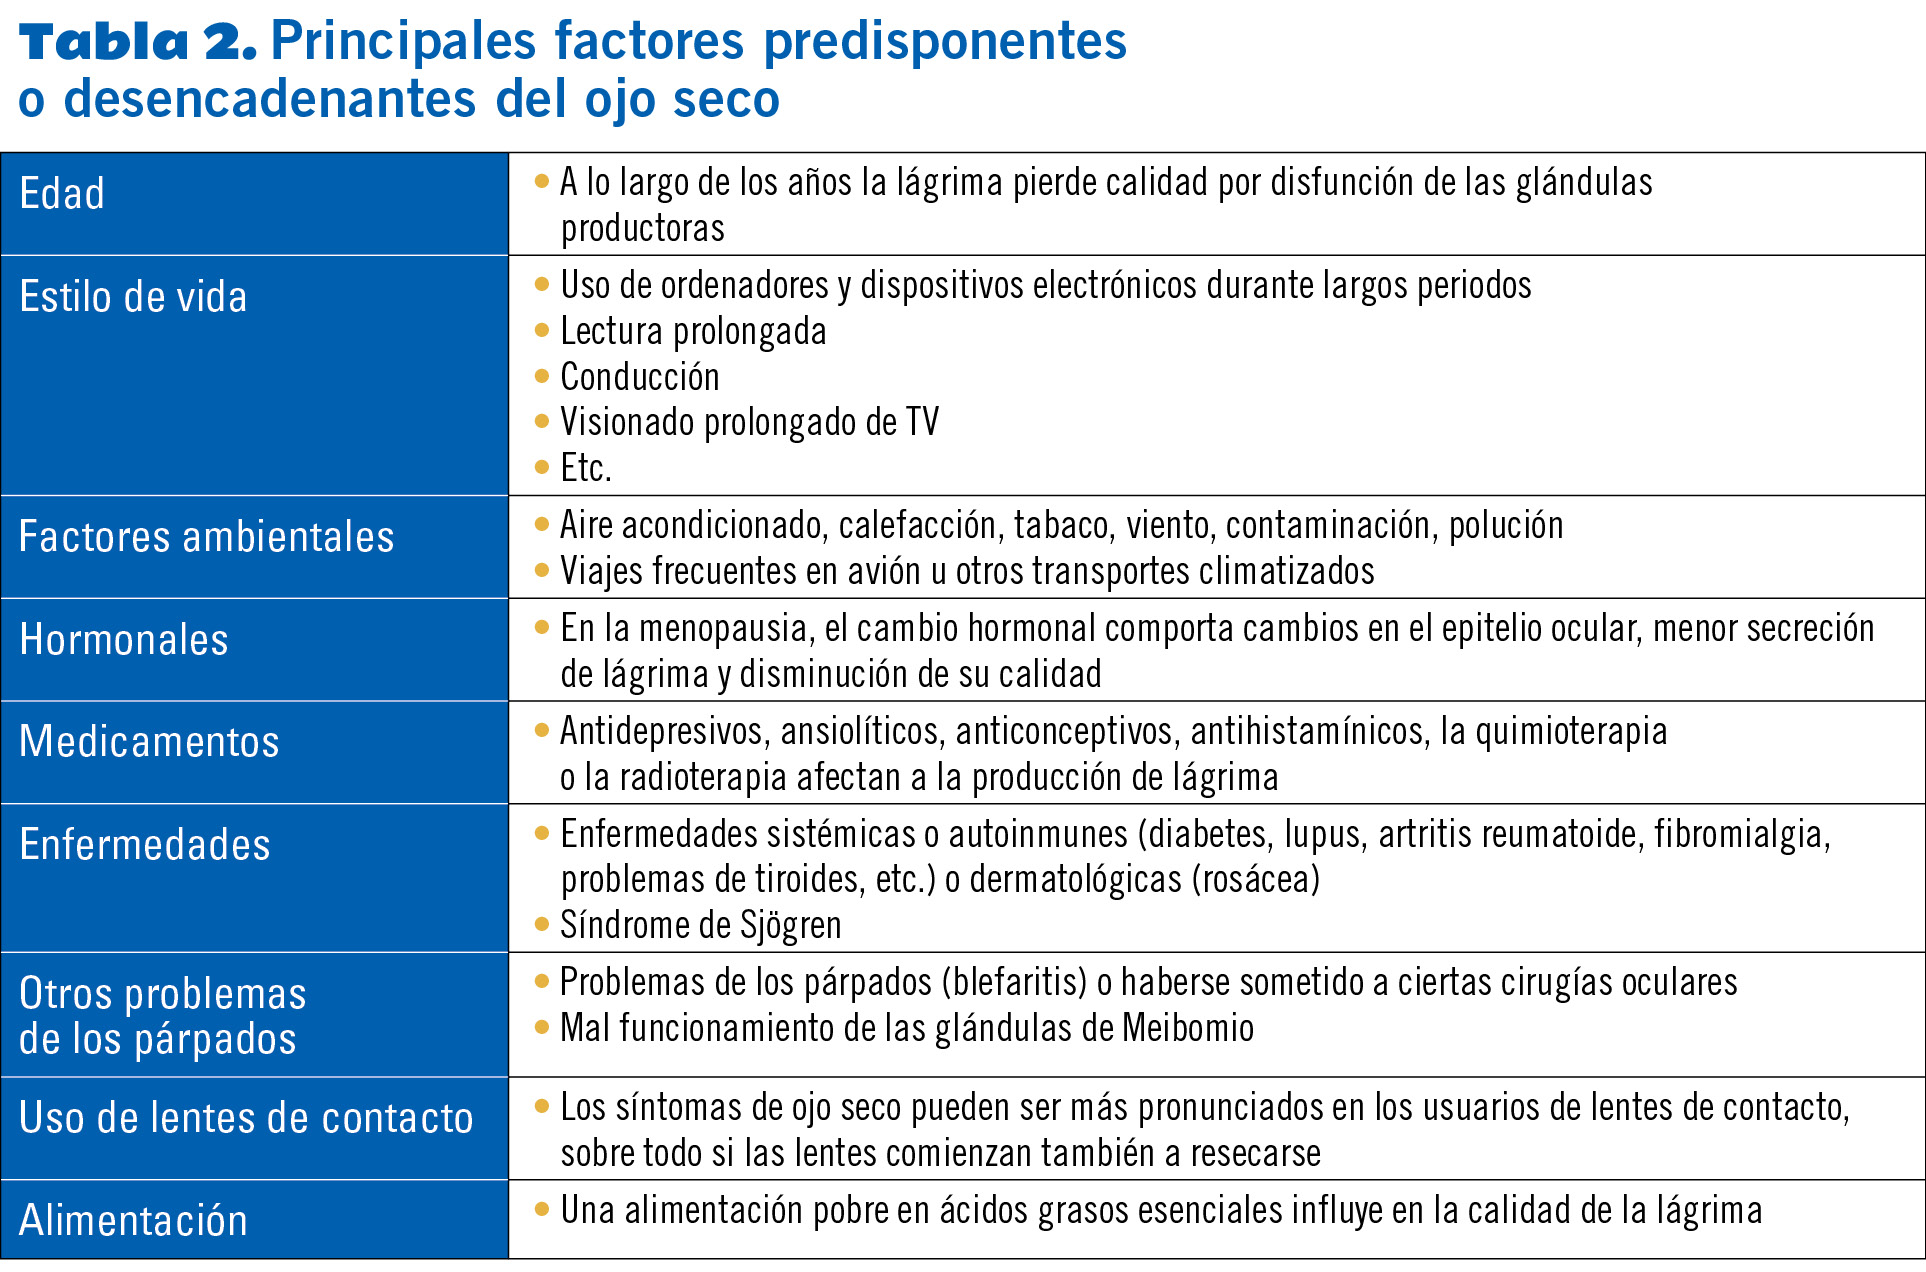 12 EF579 PROTOCOLOS tabla 2